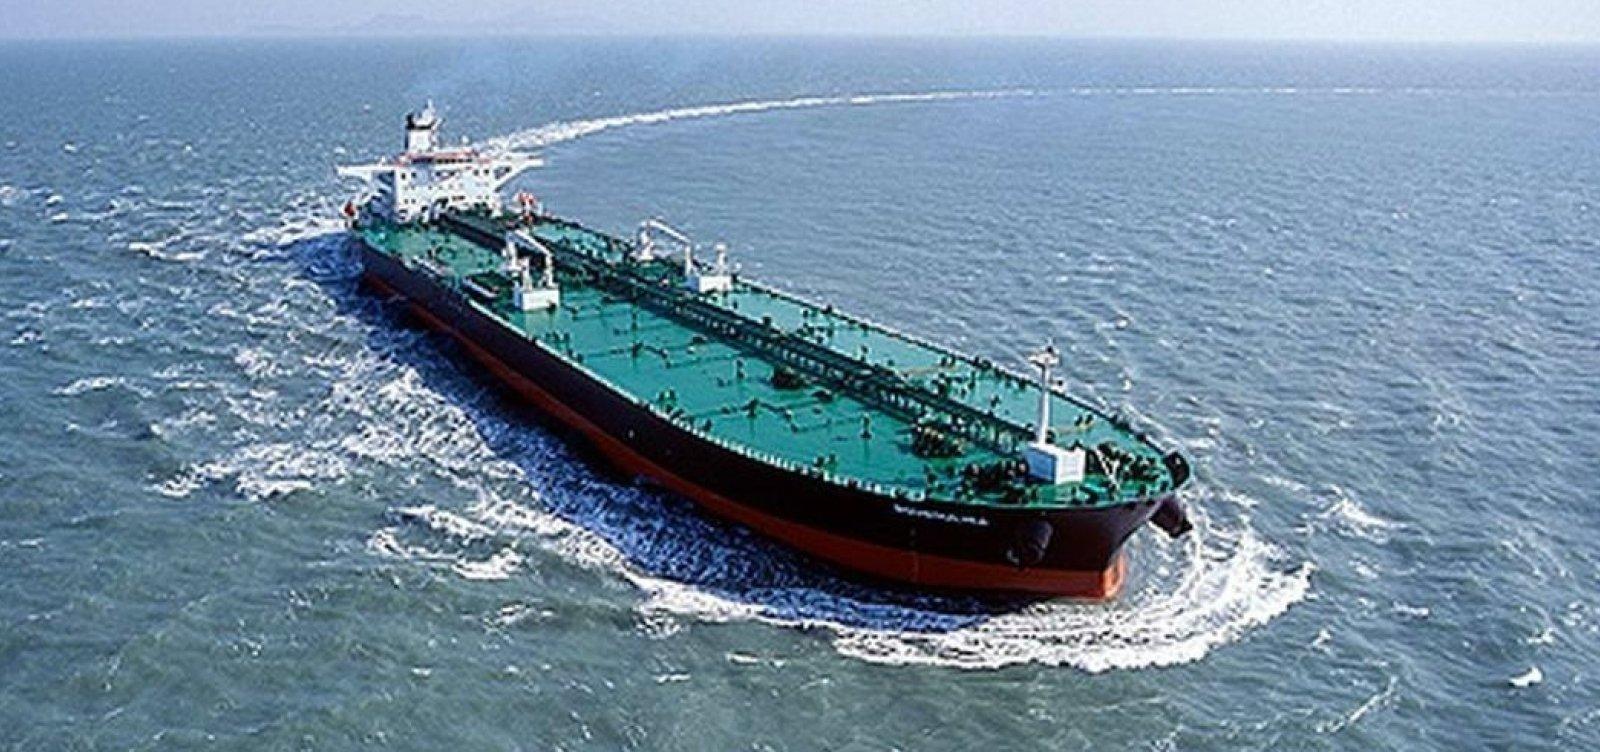 [Mais 4 navios gregos são suspeitos de terem vazado óleo]